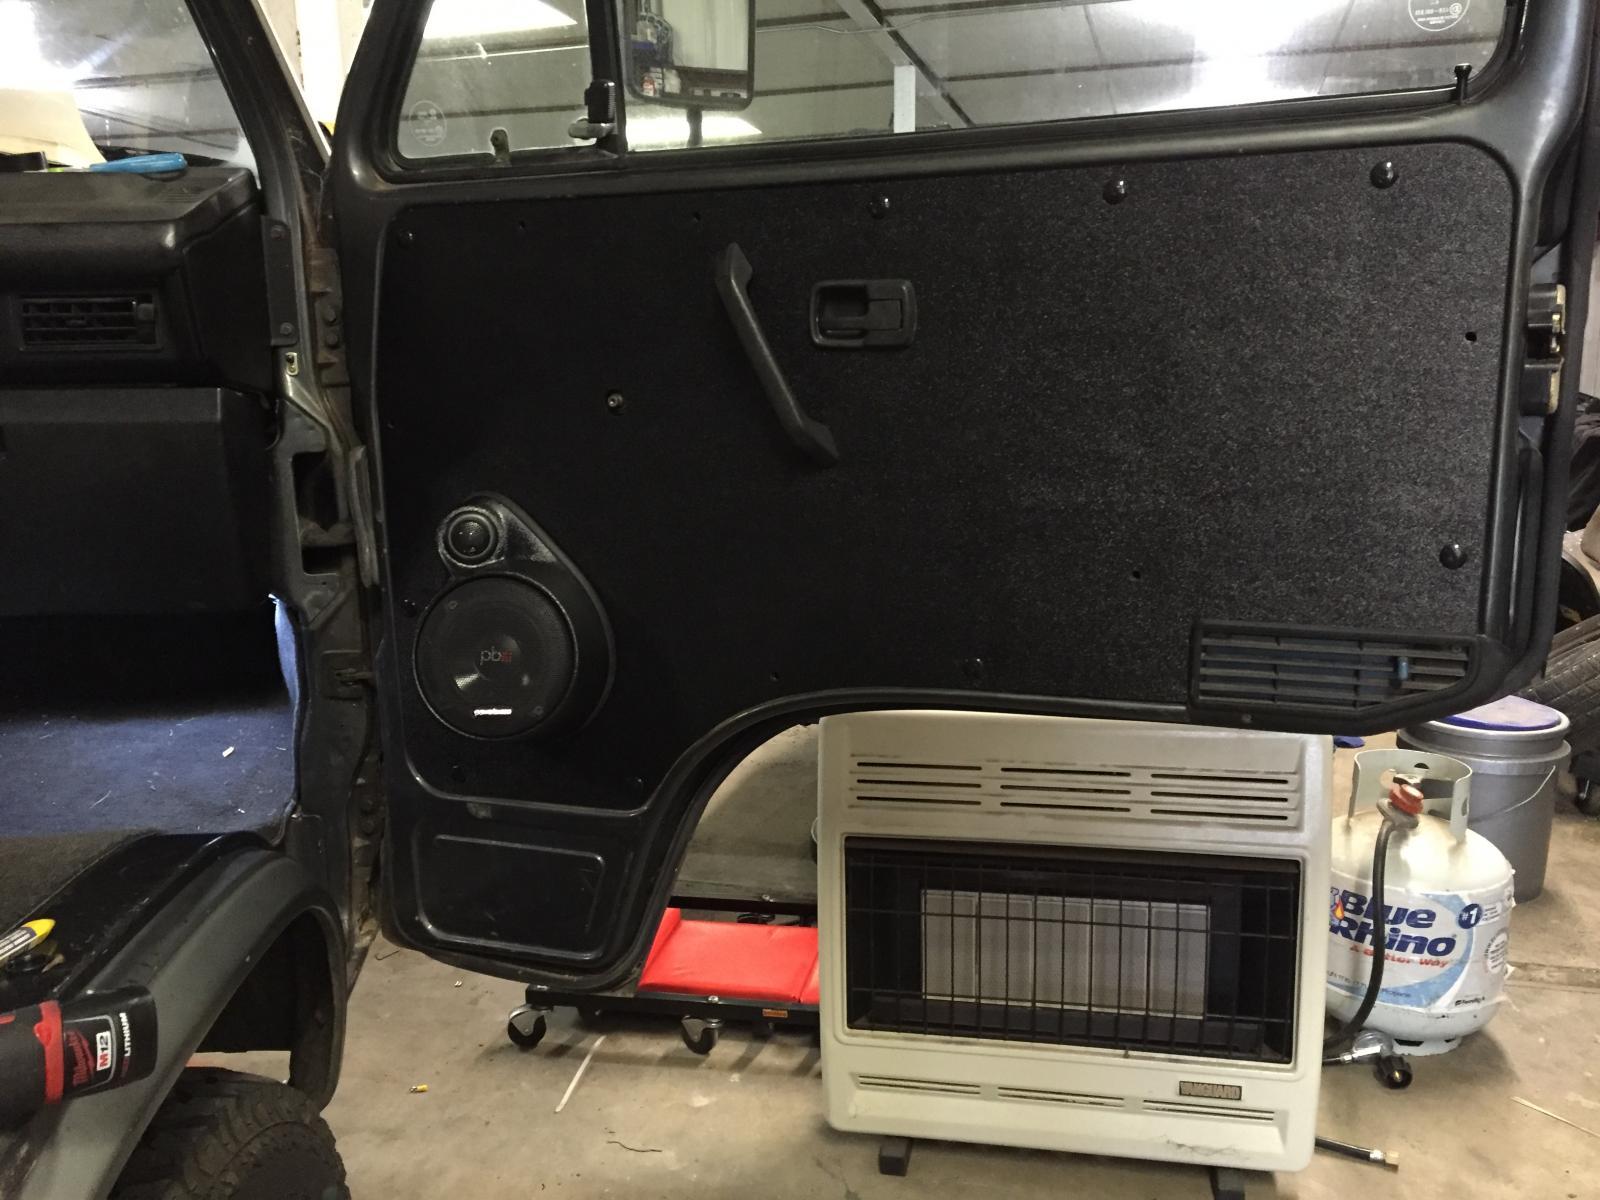 eBay universal speaker pod/werksberg panel